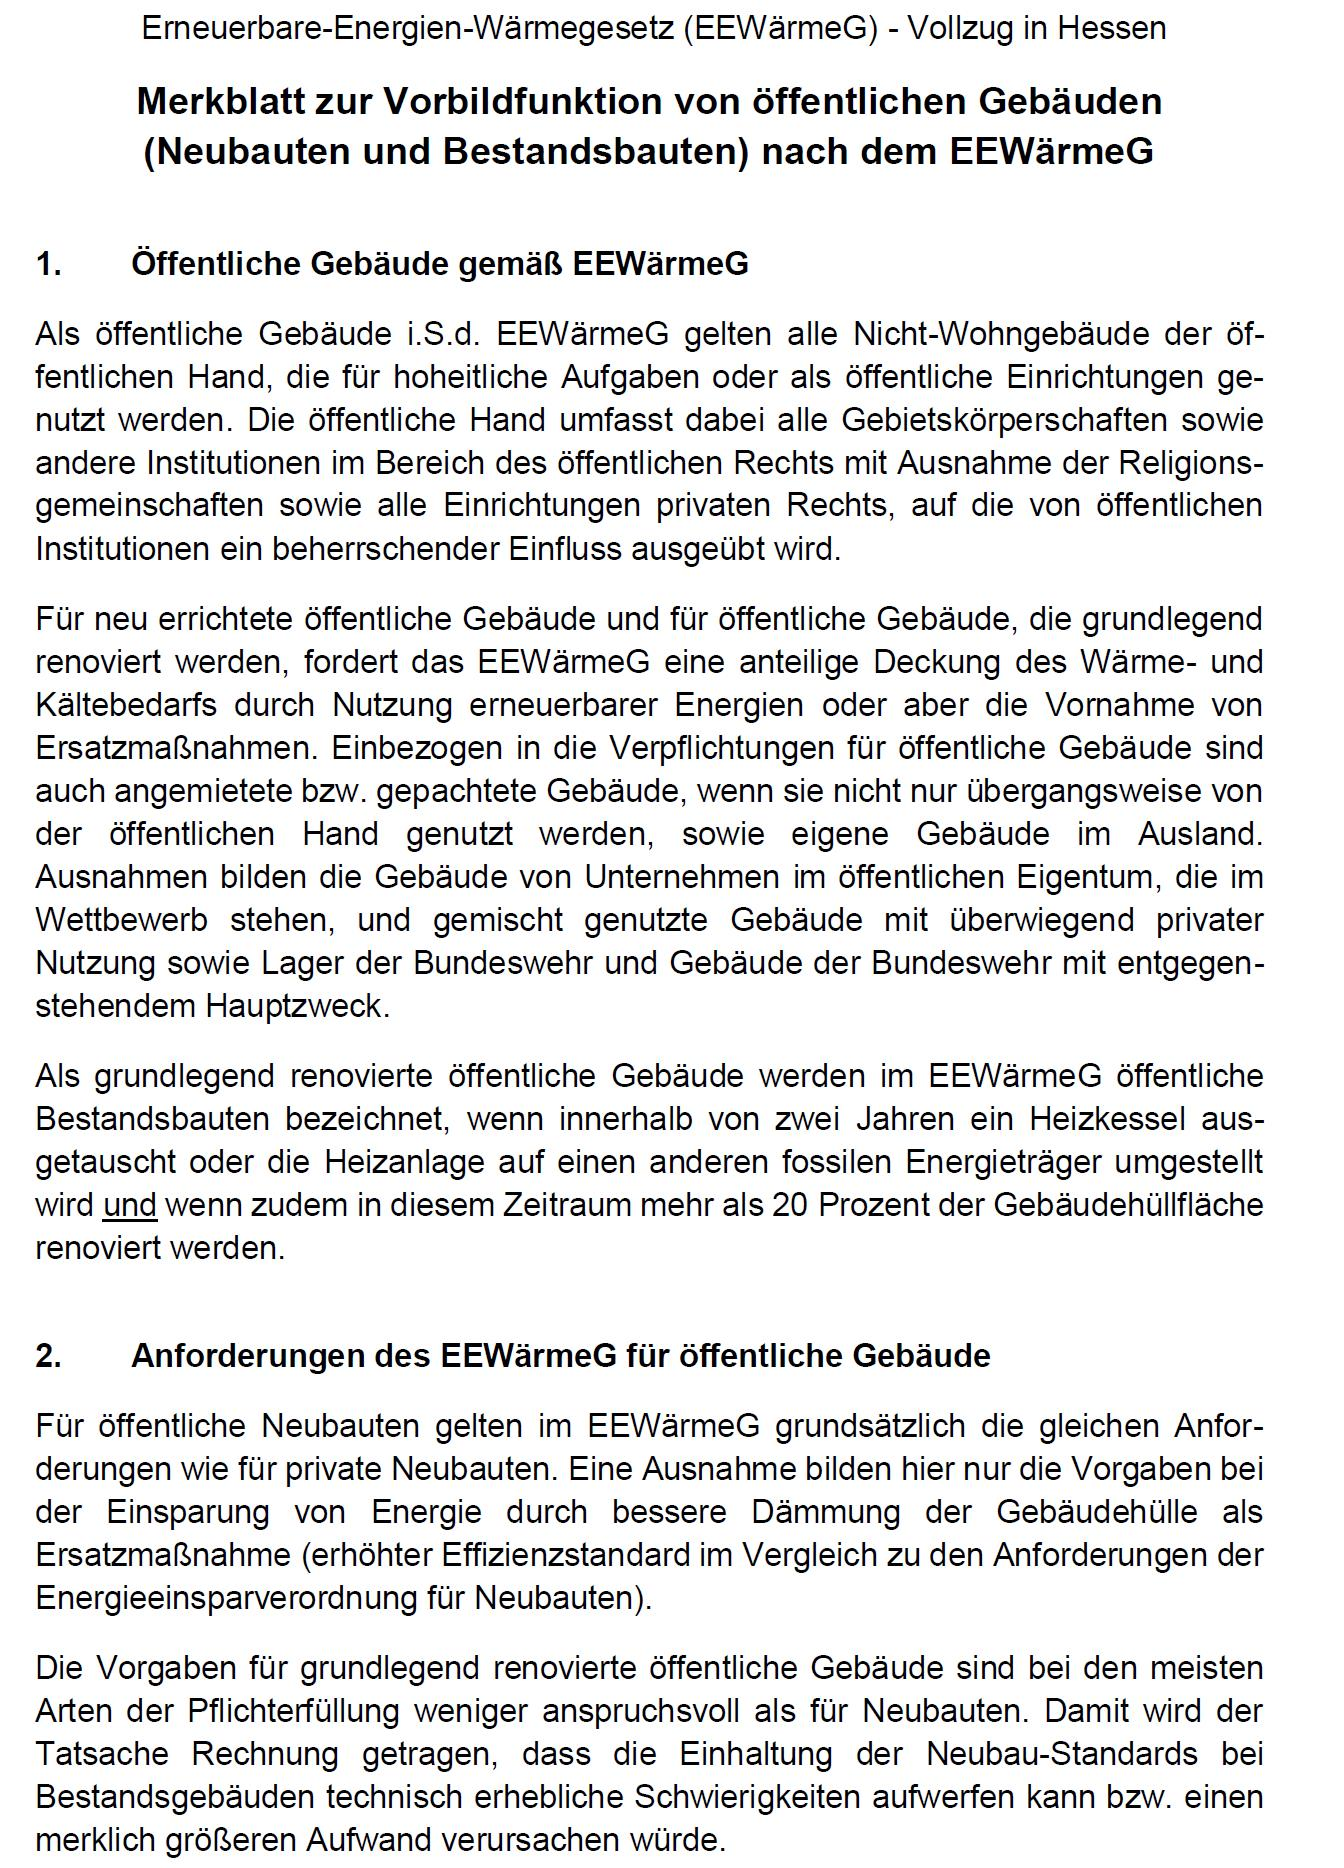 PDF: Empfohlener Vordruck zum EEWärmeG